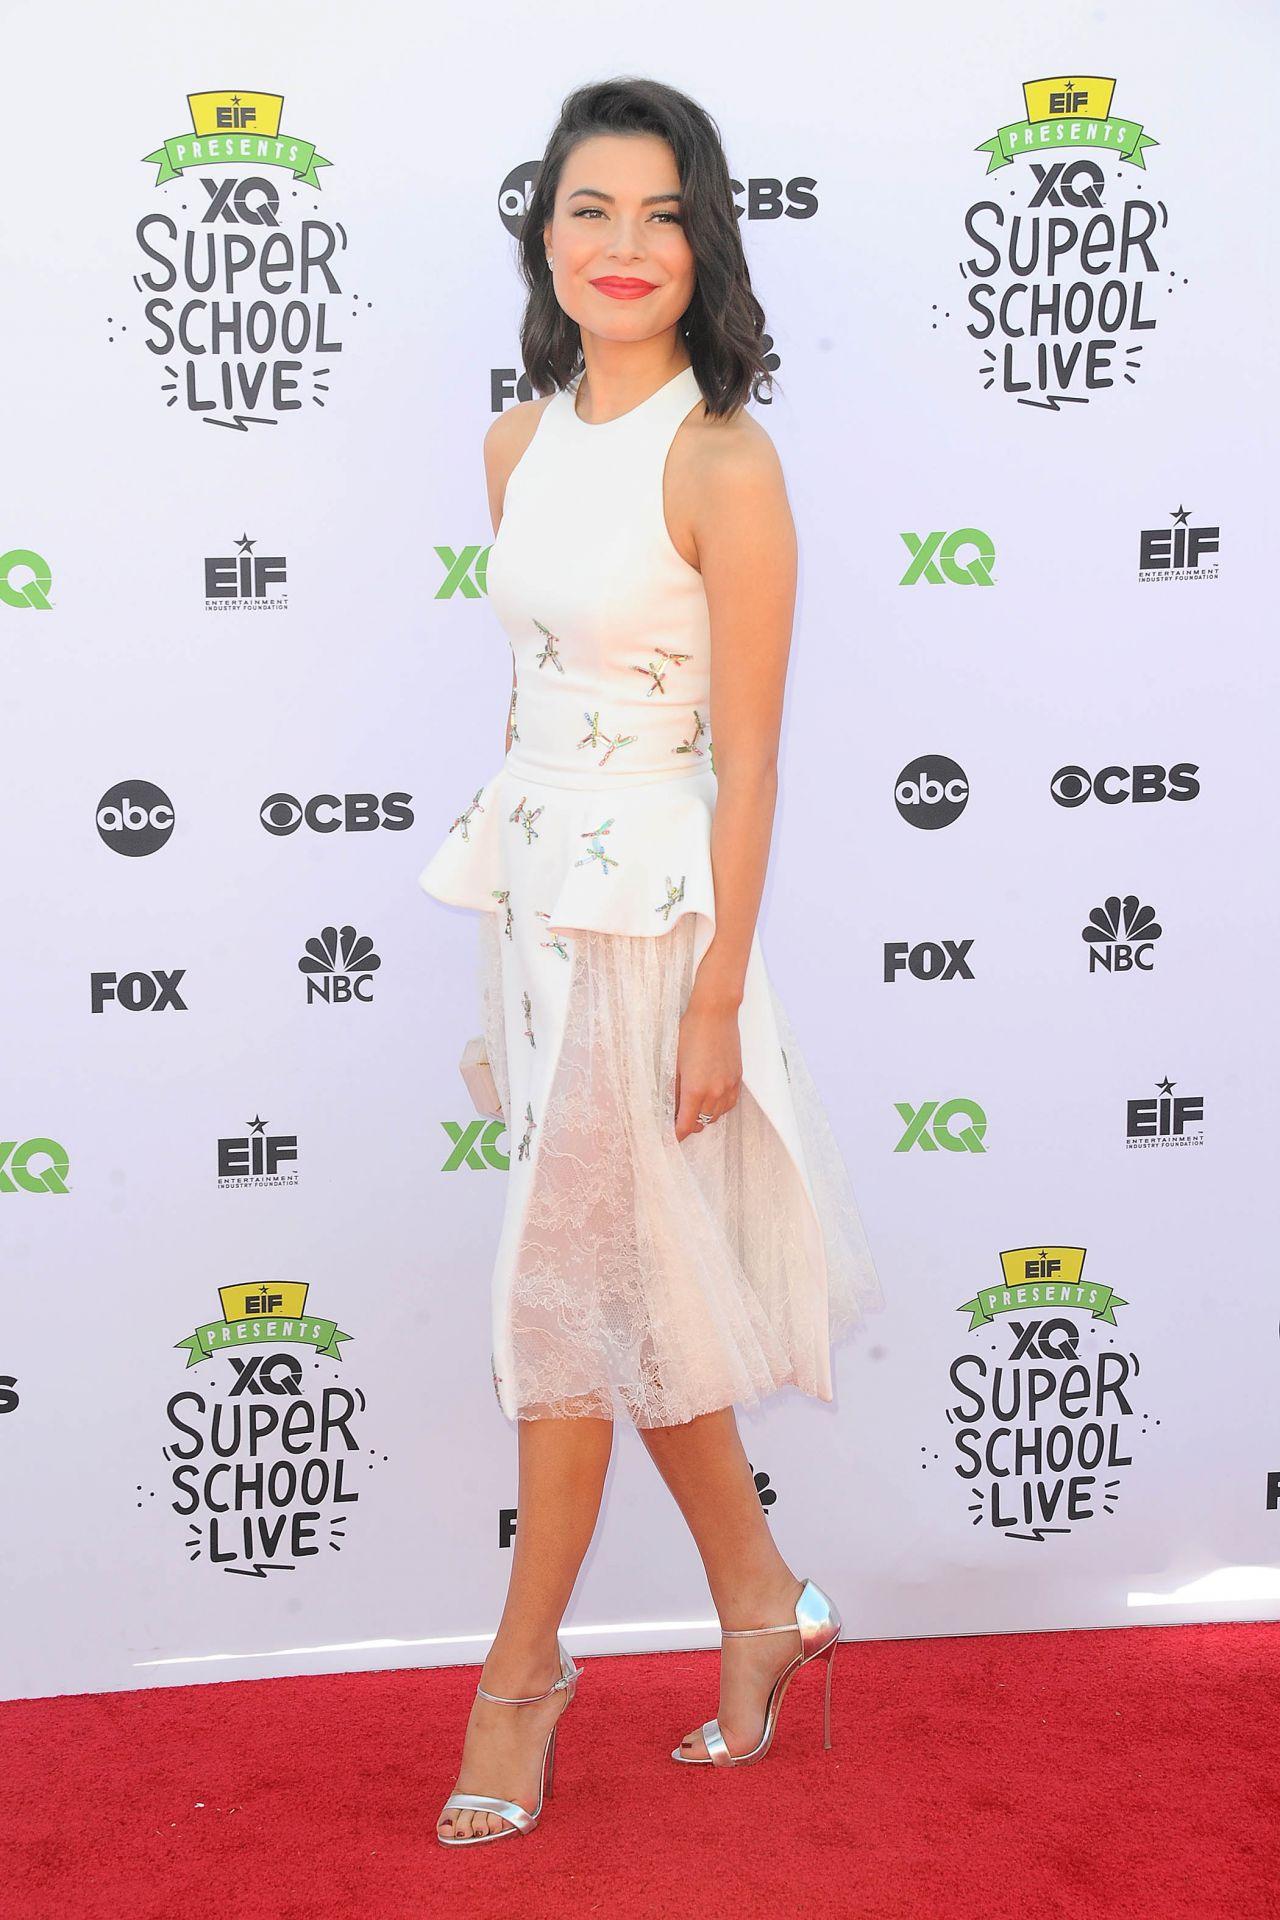 Miranda Cosgrove - EIF Presents: XQ Super School Live at the Barker Hangar in LA 09/08/2017